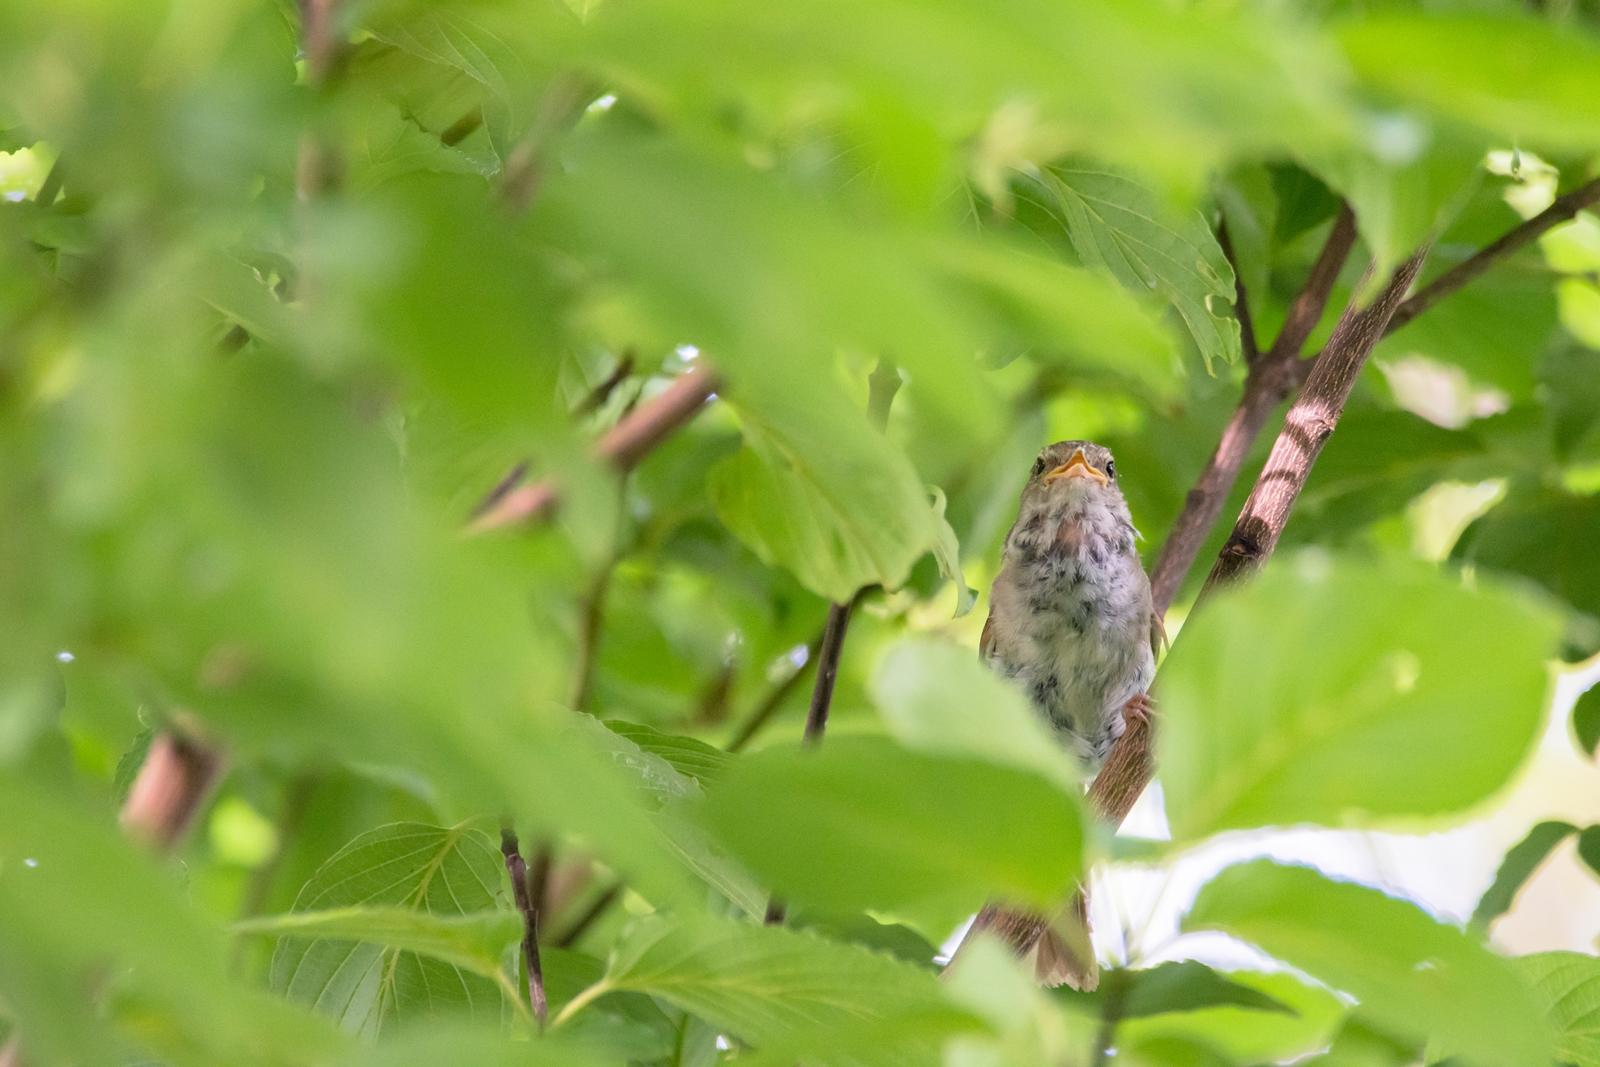 Photo: 「恥ずかしがり屋の歌」 / Shy birds song.  とっても恥ずかしがりやで いつも隠れて歌ってる 森に響く綺麗な歌声 もっとよく聴かせて欲しいな  Japanese Bush Warbler. (ウグイス)  Nikon D500 SIGMA 150-600mm F5-6.3 DG OS HSM Contemporary  #birdphotography #birds #kawaii #ことり #小鳥 #nikon #sigma  ( http://takafumiooshio.com/archives/2714 )